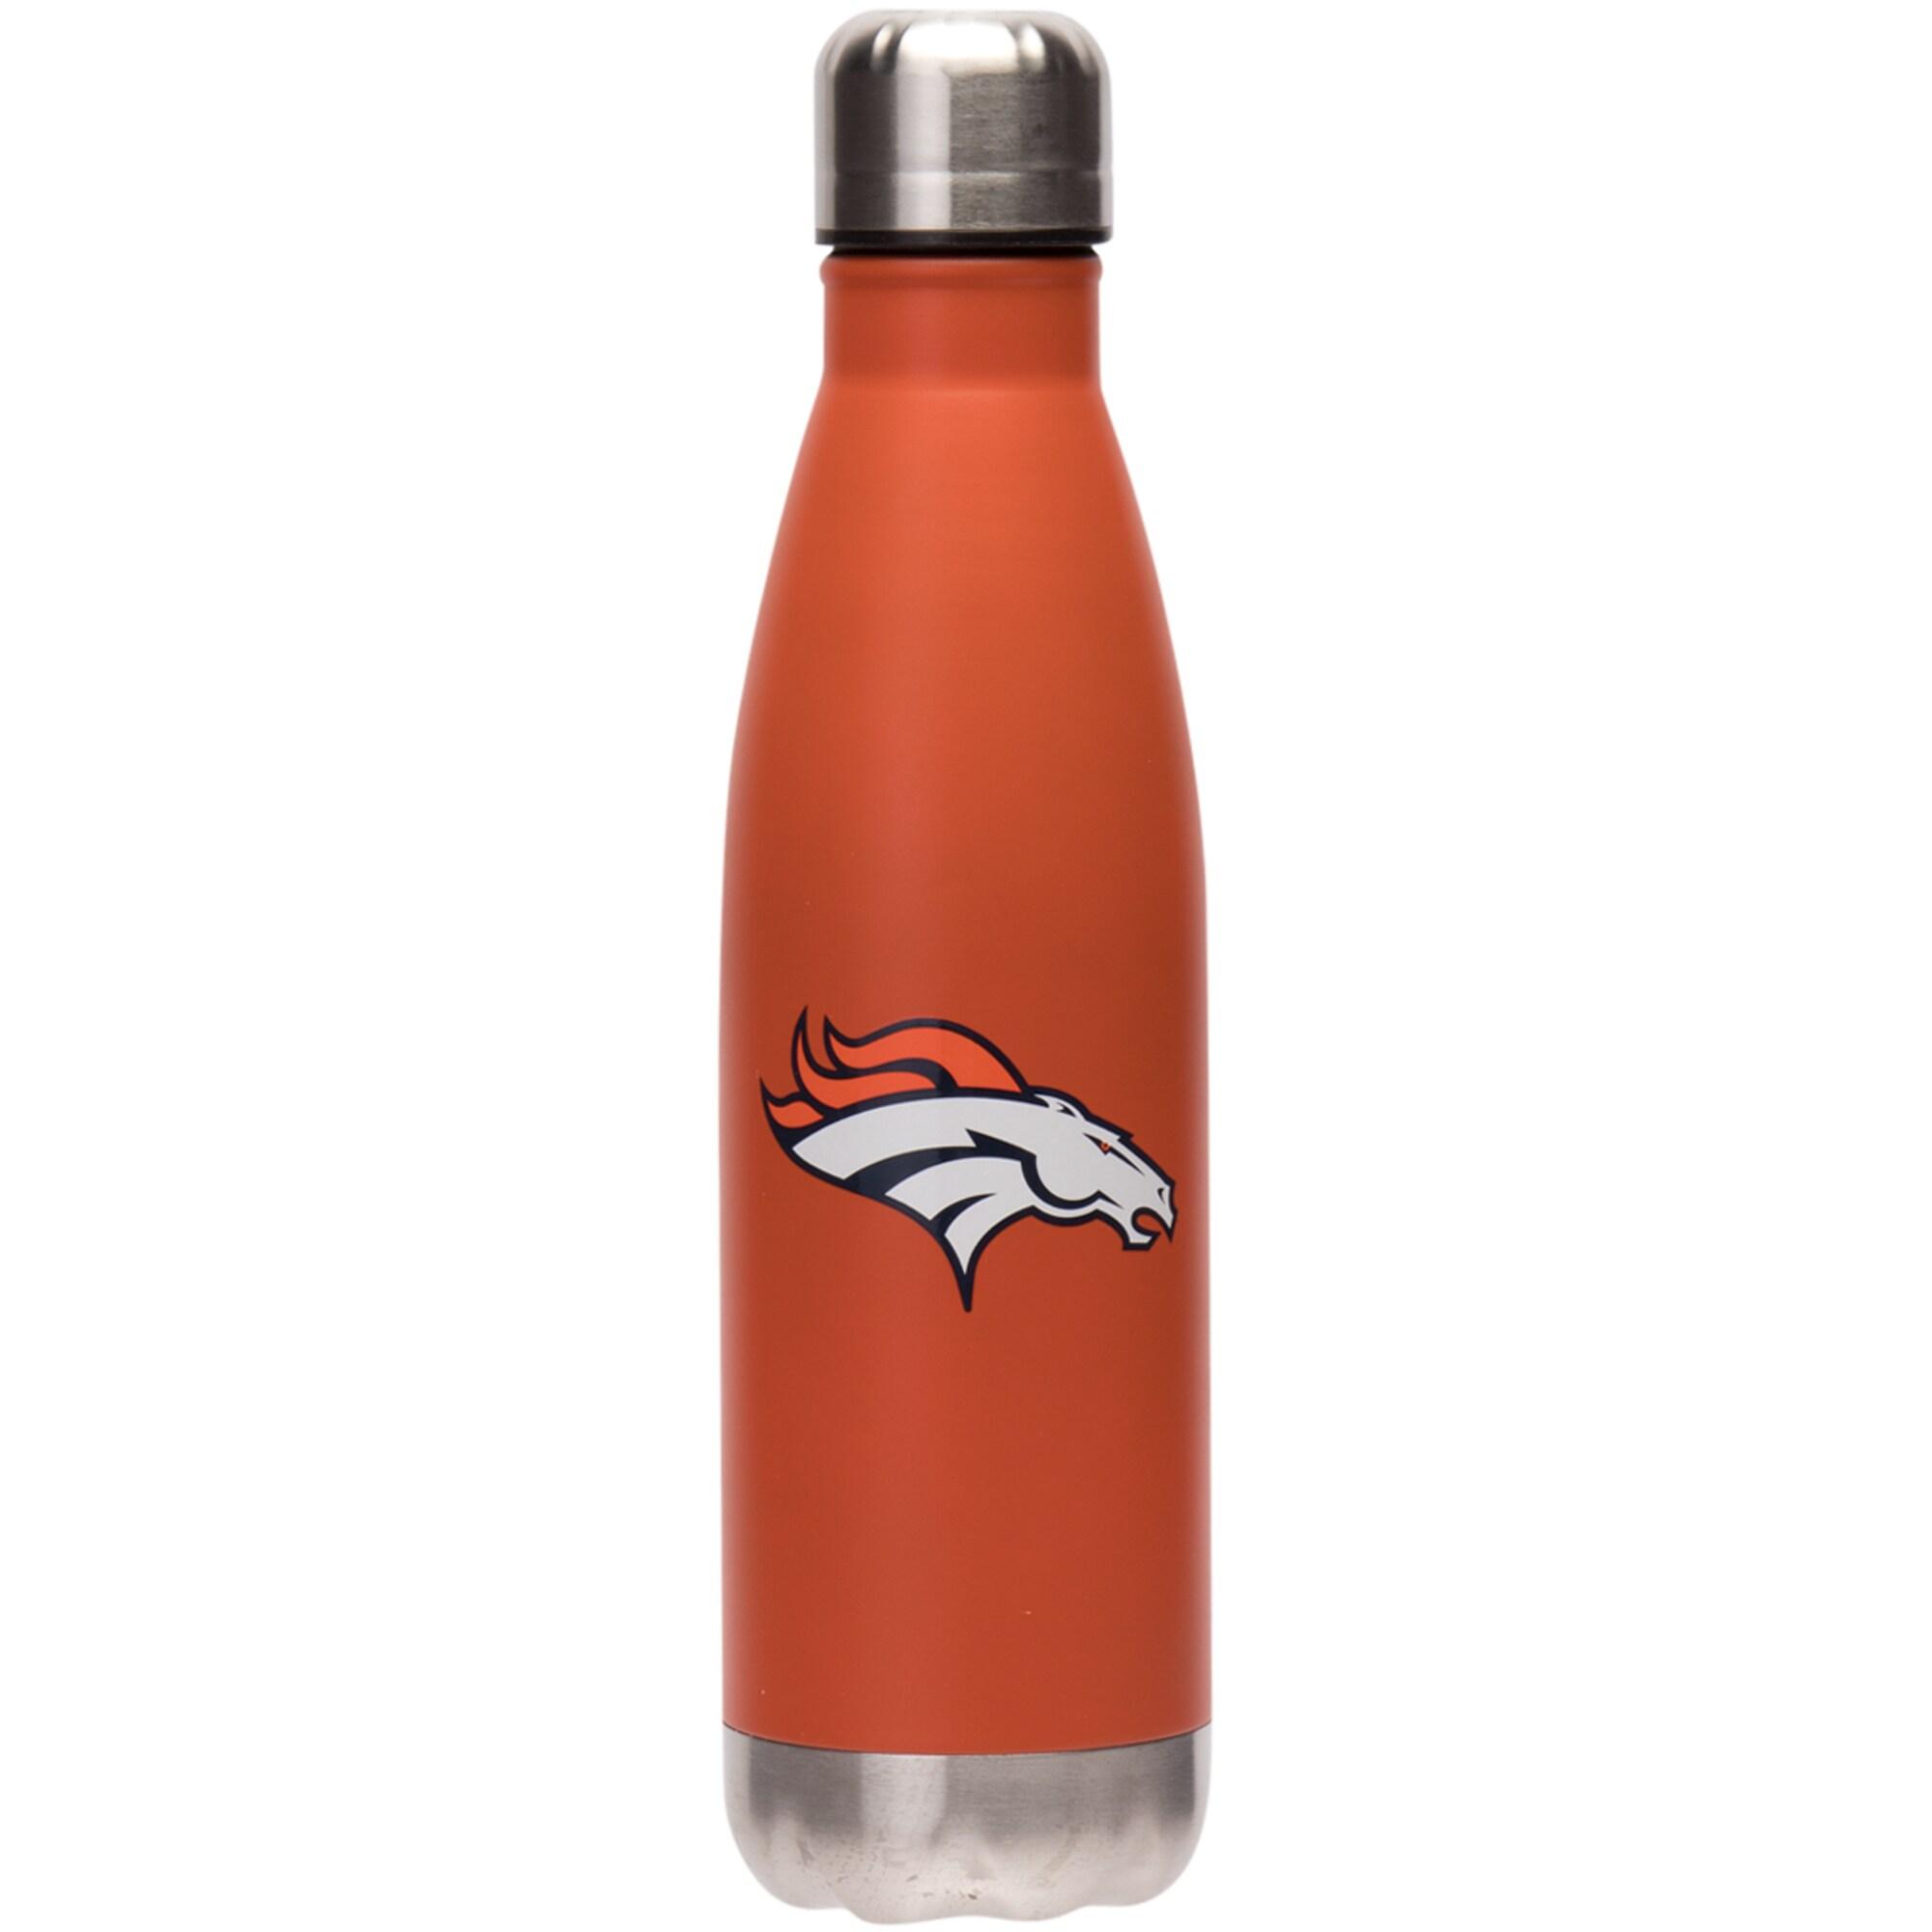 Denver Broncos 17oz. Team Color Stainless Steel Water Bottle